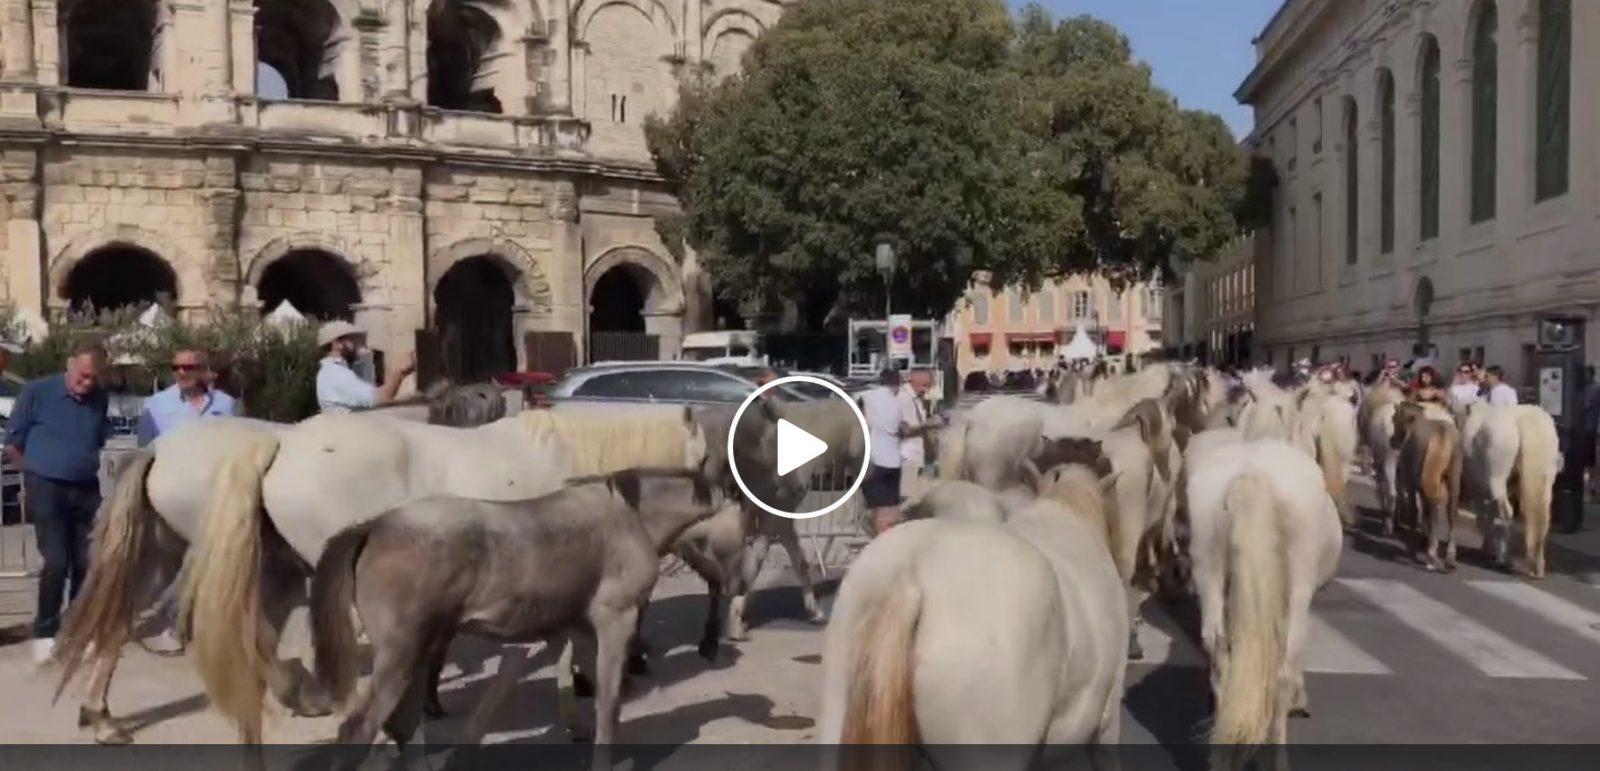 VIDEO // Retour sur la Féria des Vendanges 2019 à Nîmes – Bodegas, animations, rues, concerts…